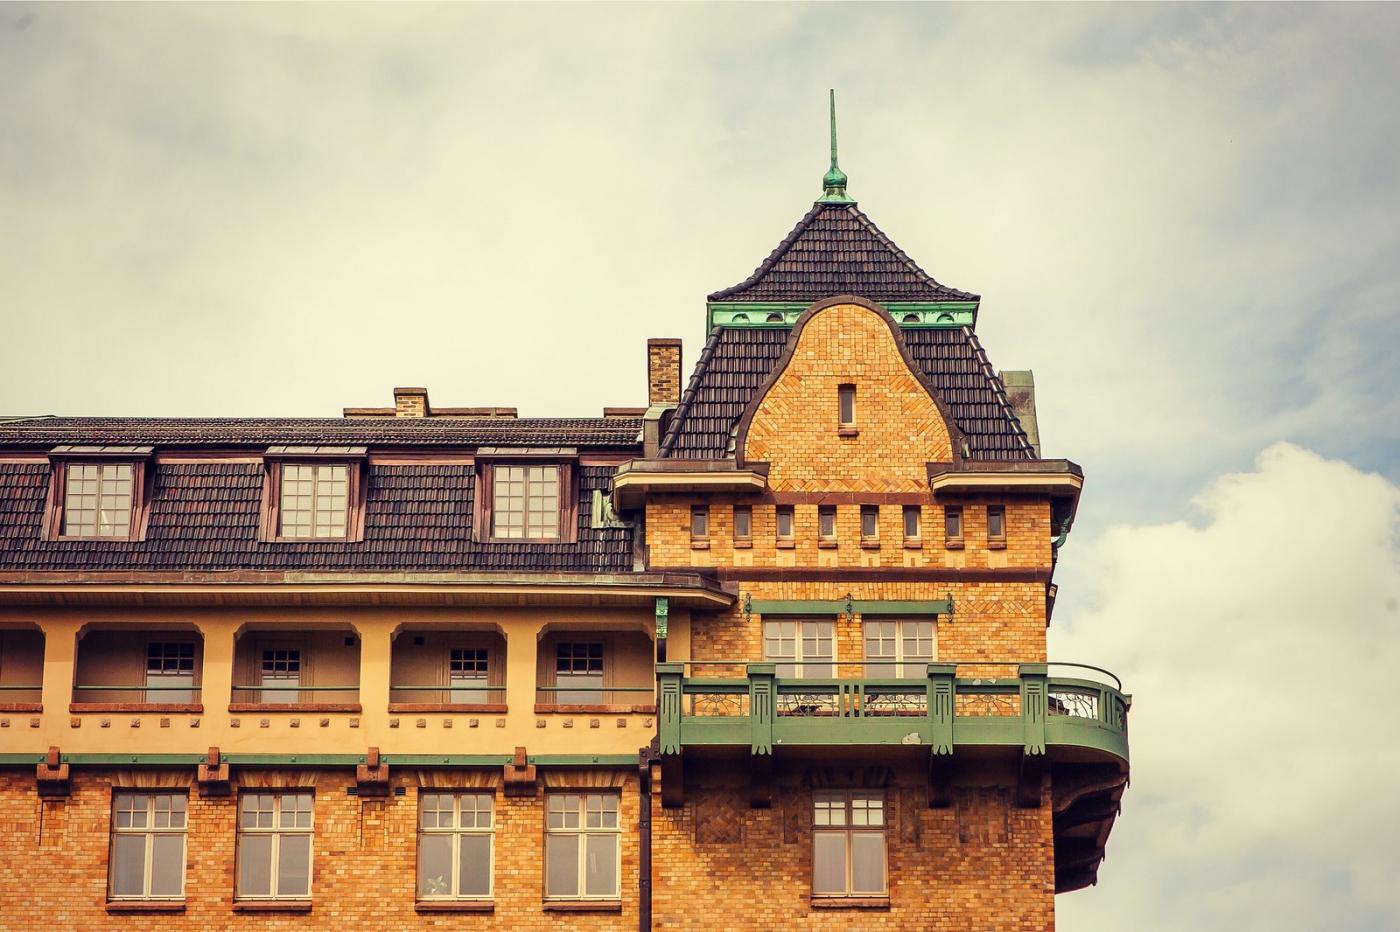 瑞典哥德堡,這幢大廈很特殊_圖1-9